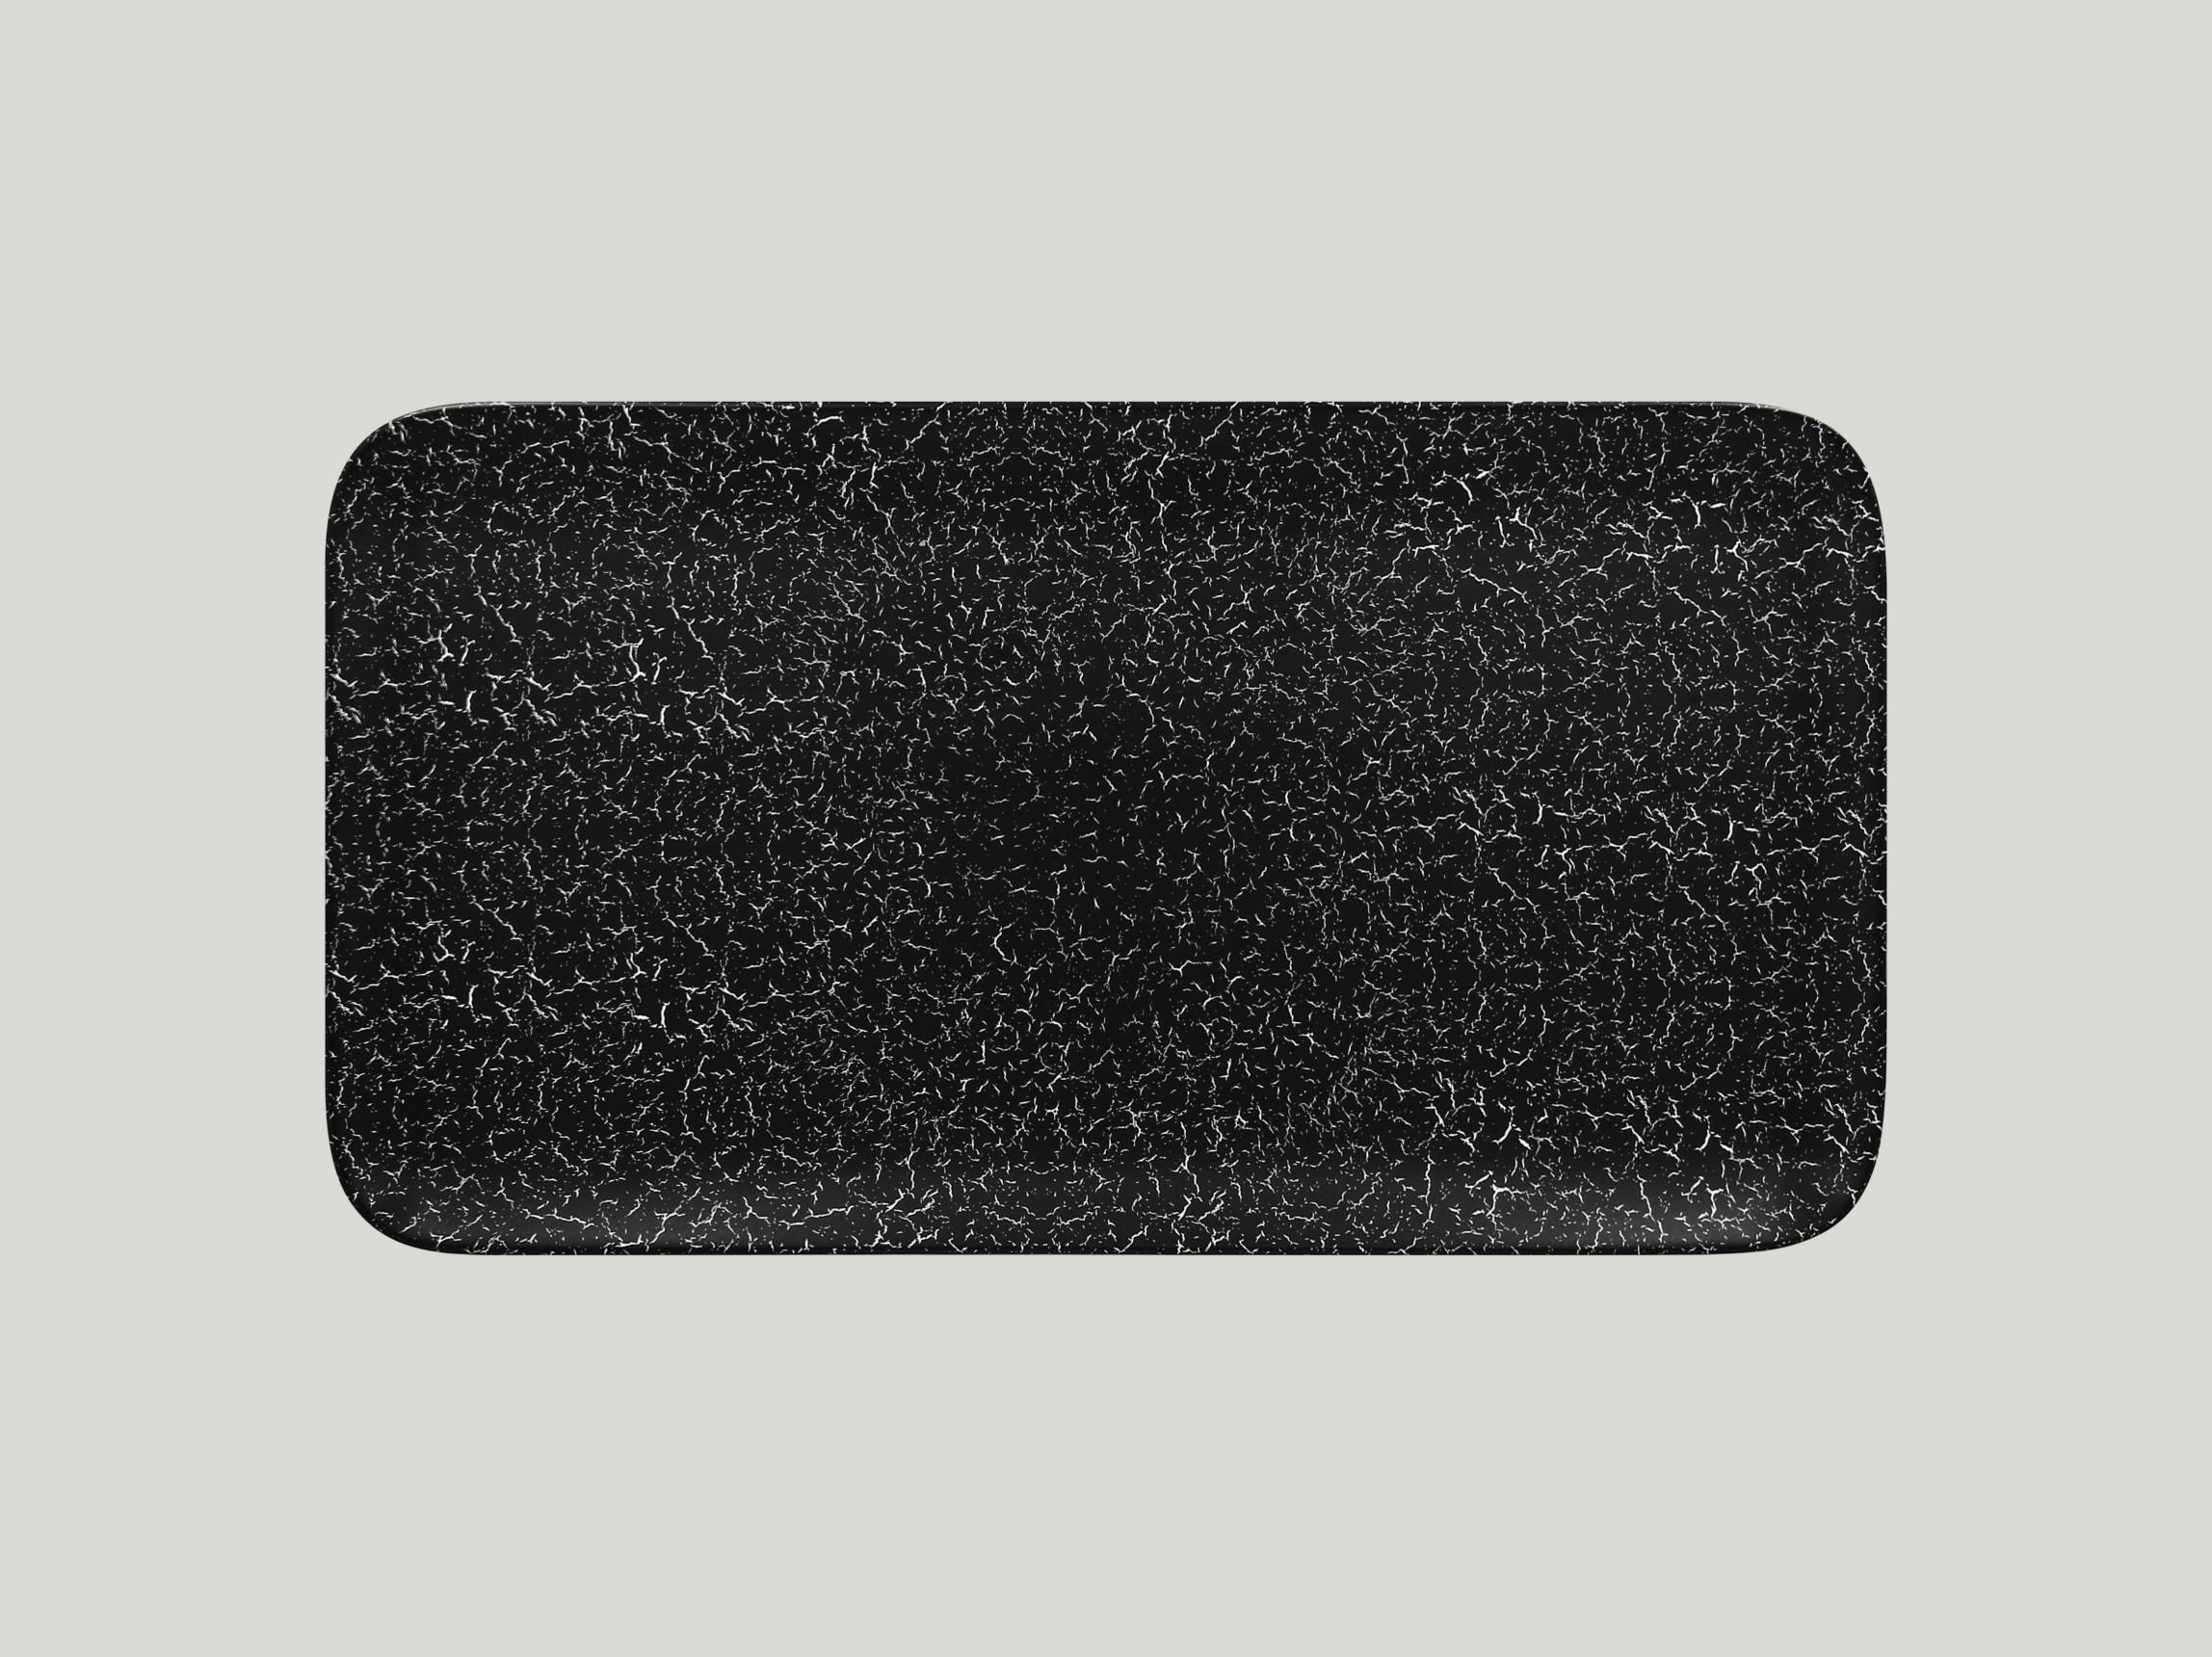 Talíř obdélníkový 38 x 21 cm - černá